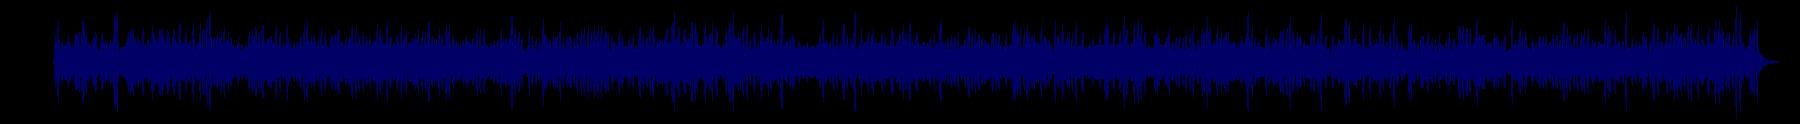 waveform of track #68105